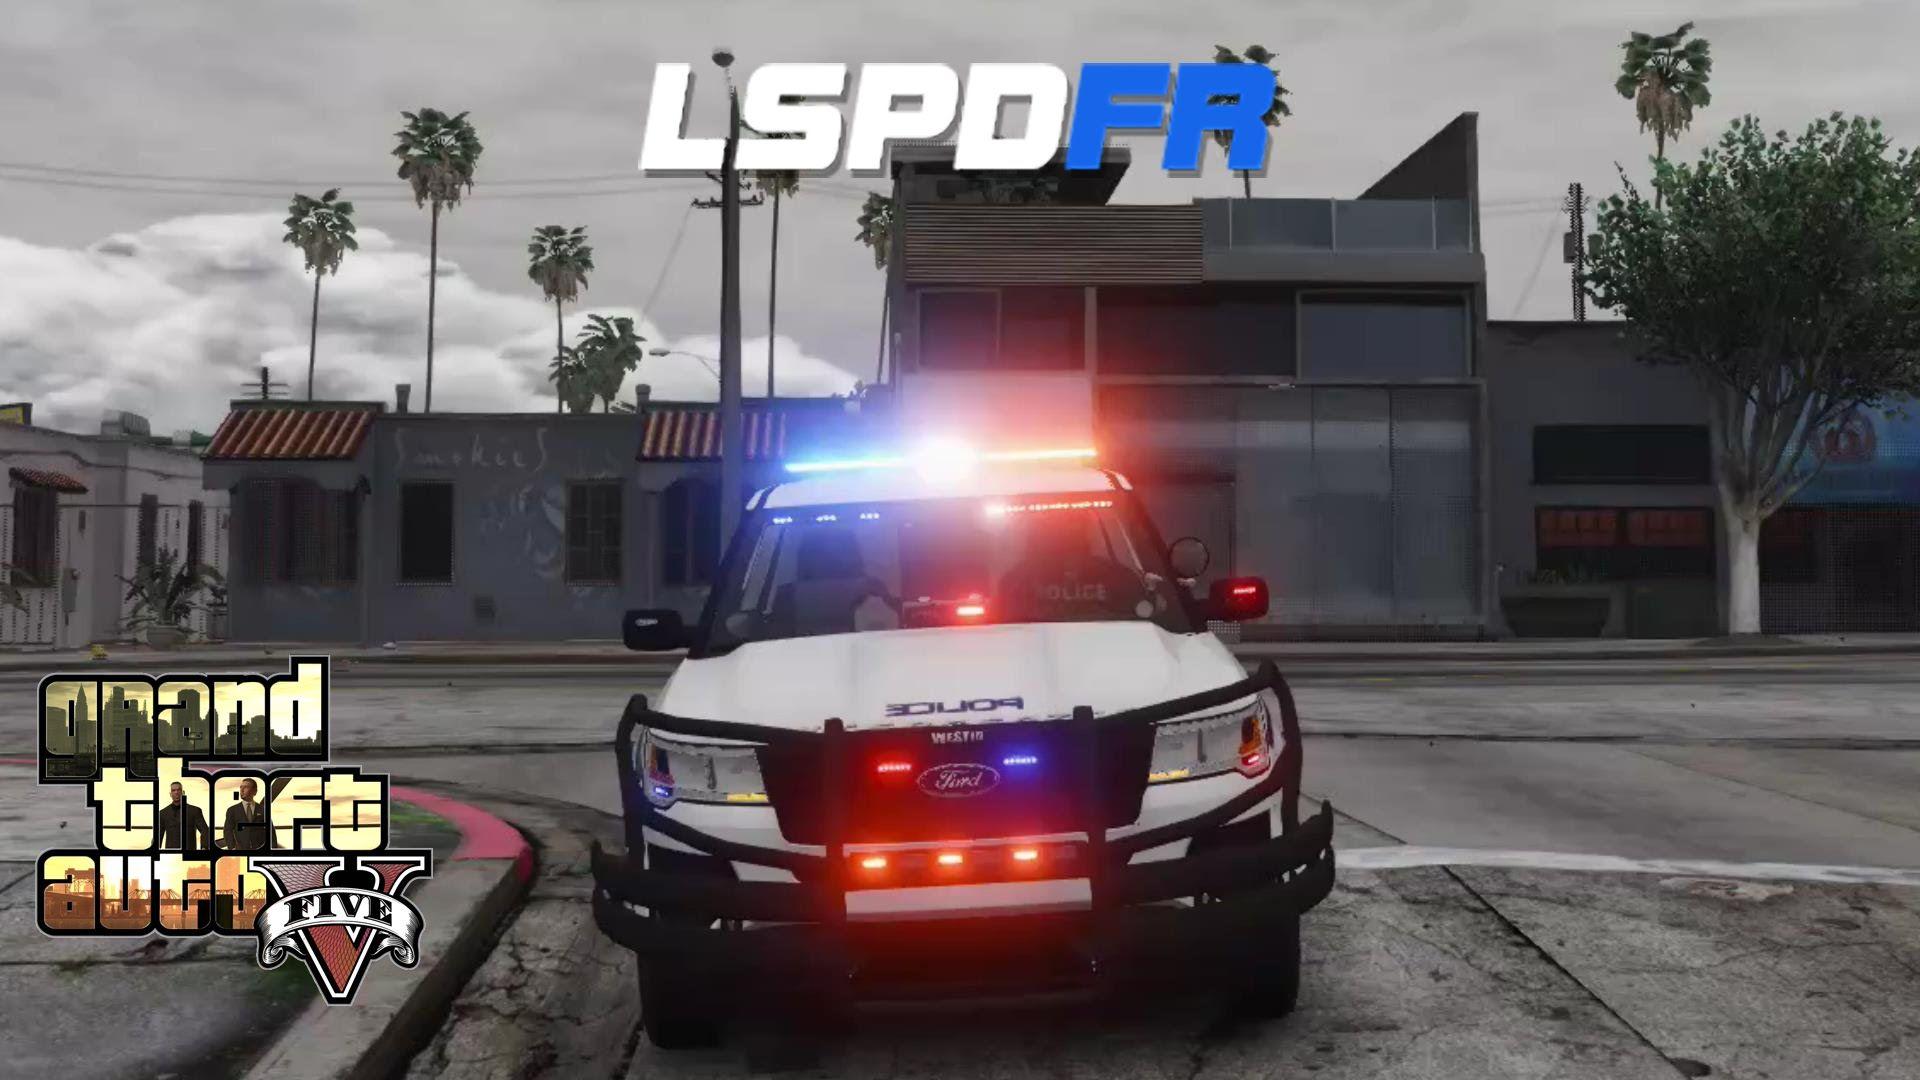 GTA 5 LSPDFFR Police Mod Supervisor Patrol | GTA 5 Police